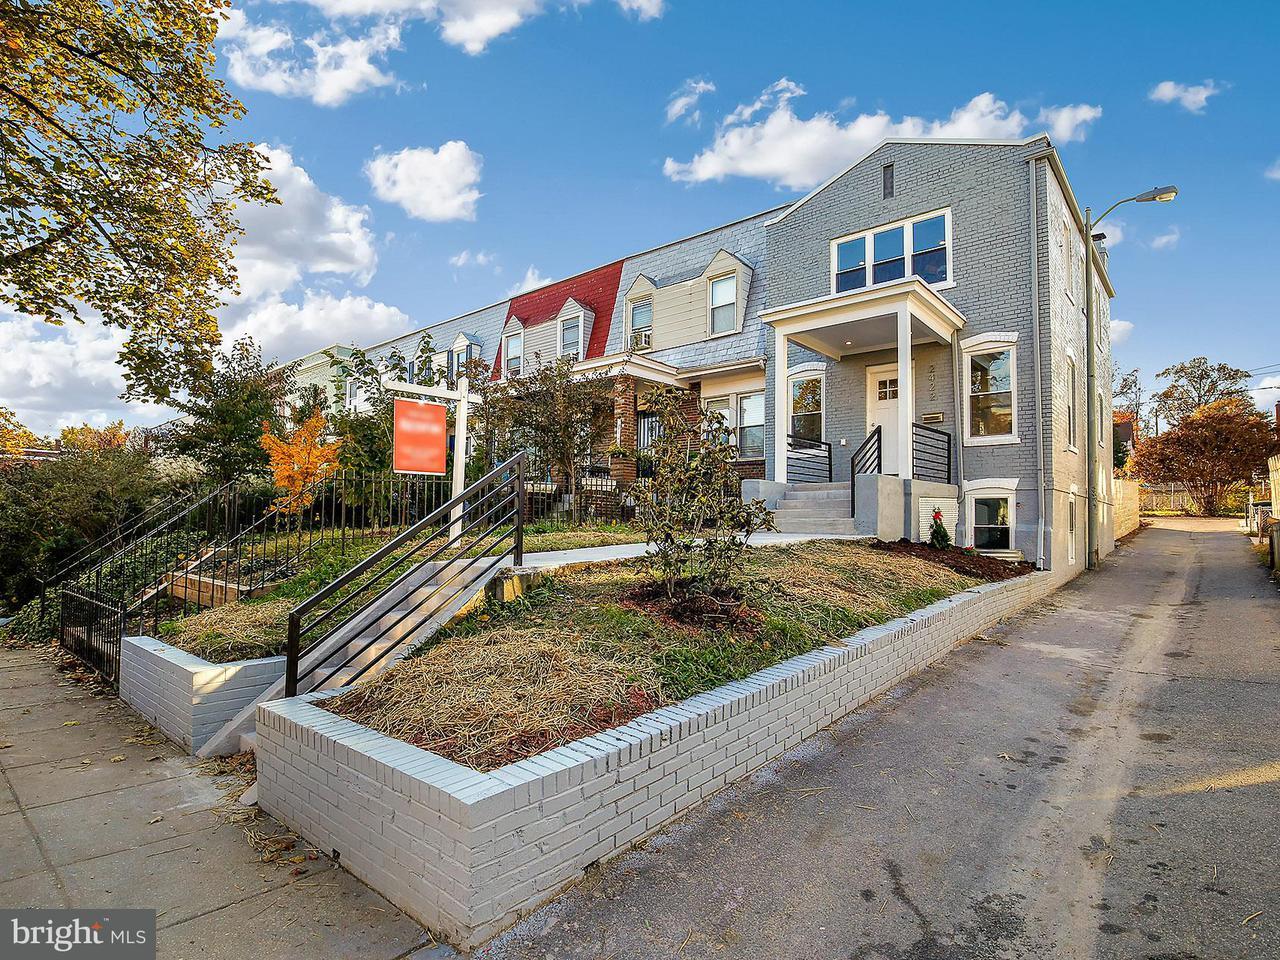 Casa unifamiliar adosada (Townhouse) por un Venta en 2422 3RD ST NE 2422 3RD ST NE Washington, Distrito De Columbia 20002 Estados Unidos